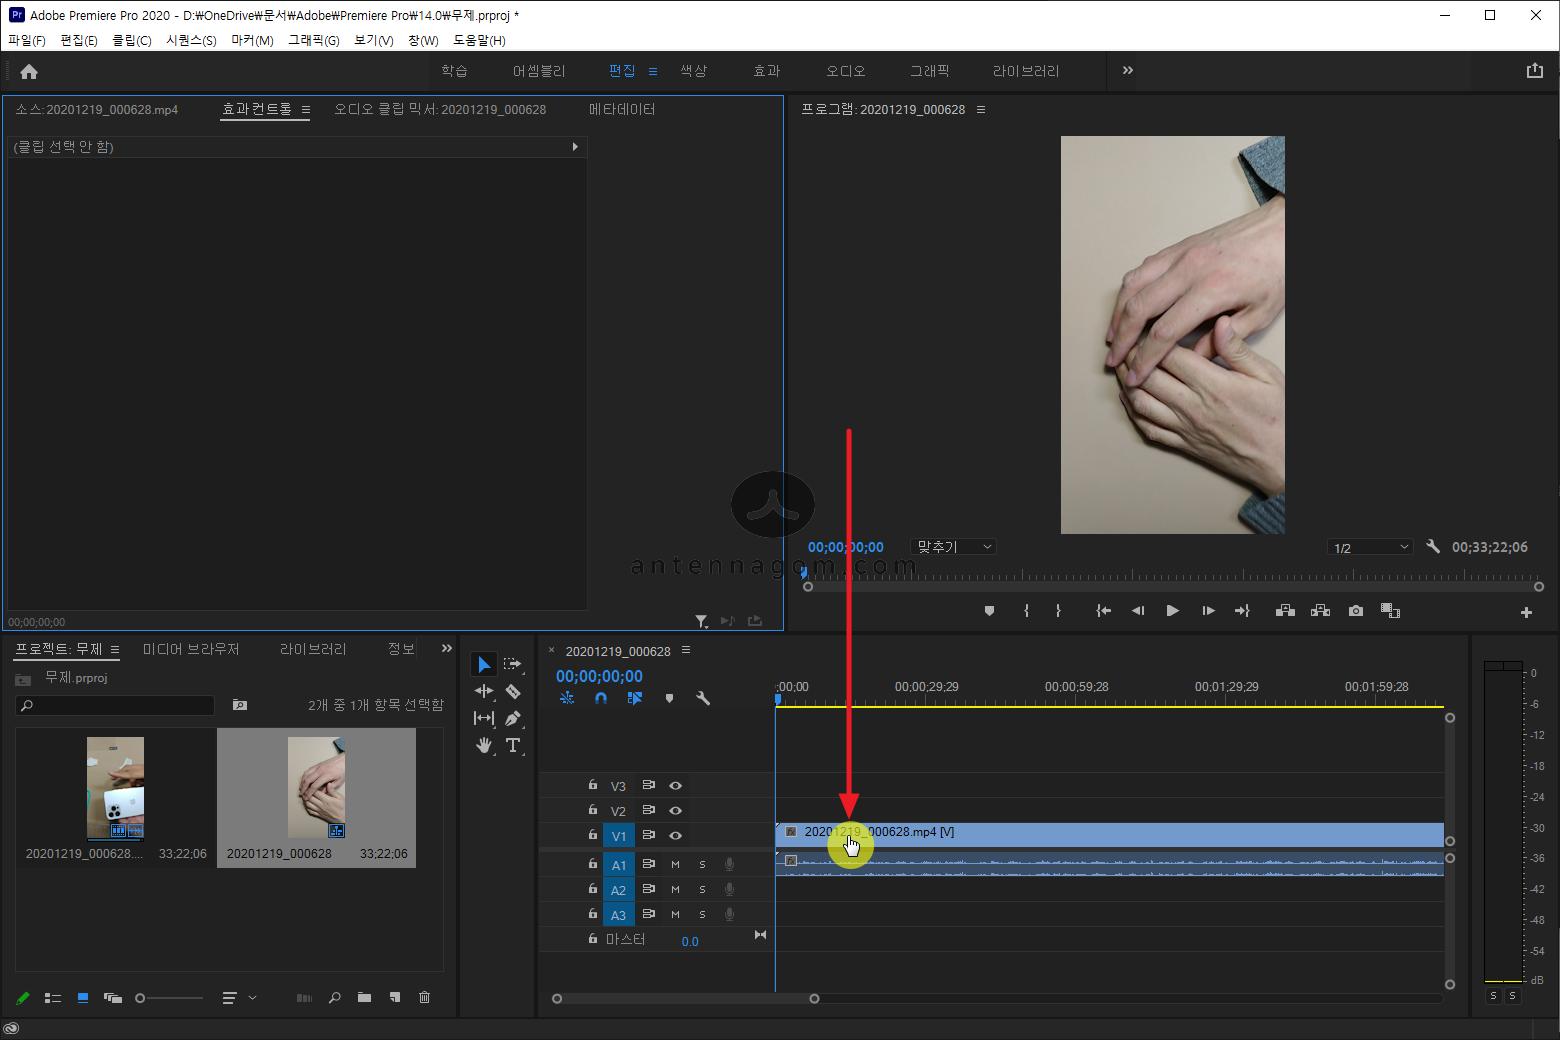 타임라인에 삽입된 동영상 클릭